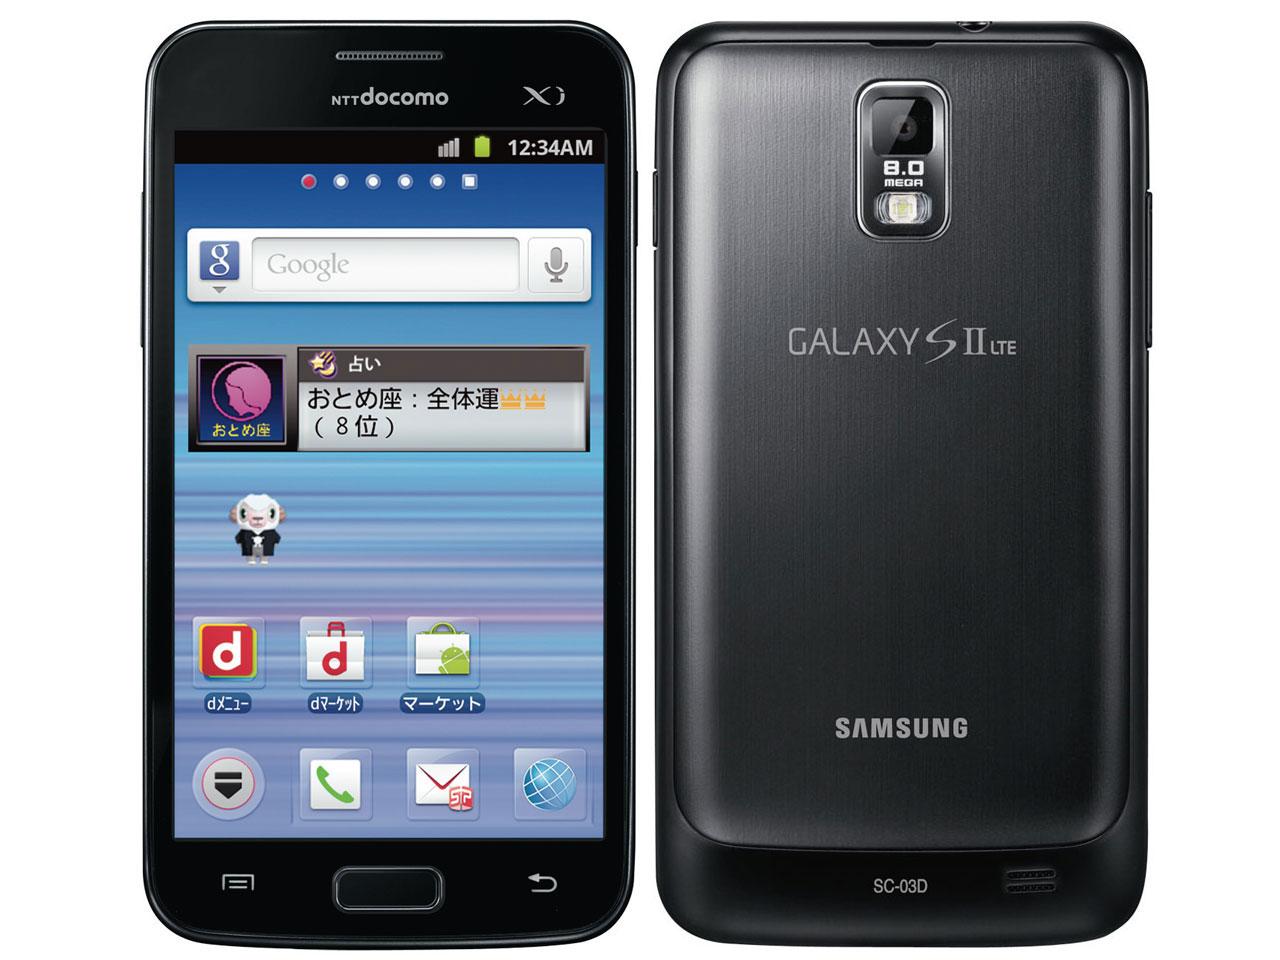 Galaxy SⅡLTE (SC-03D)